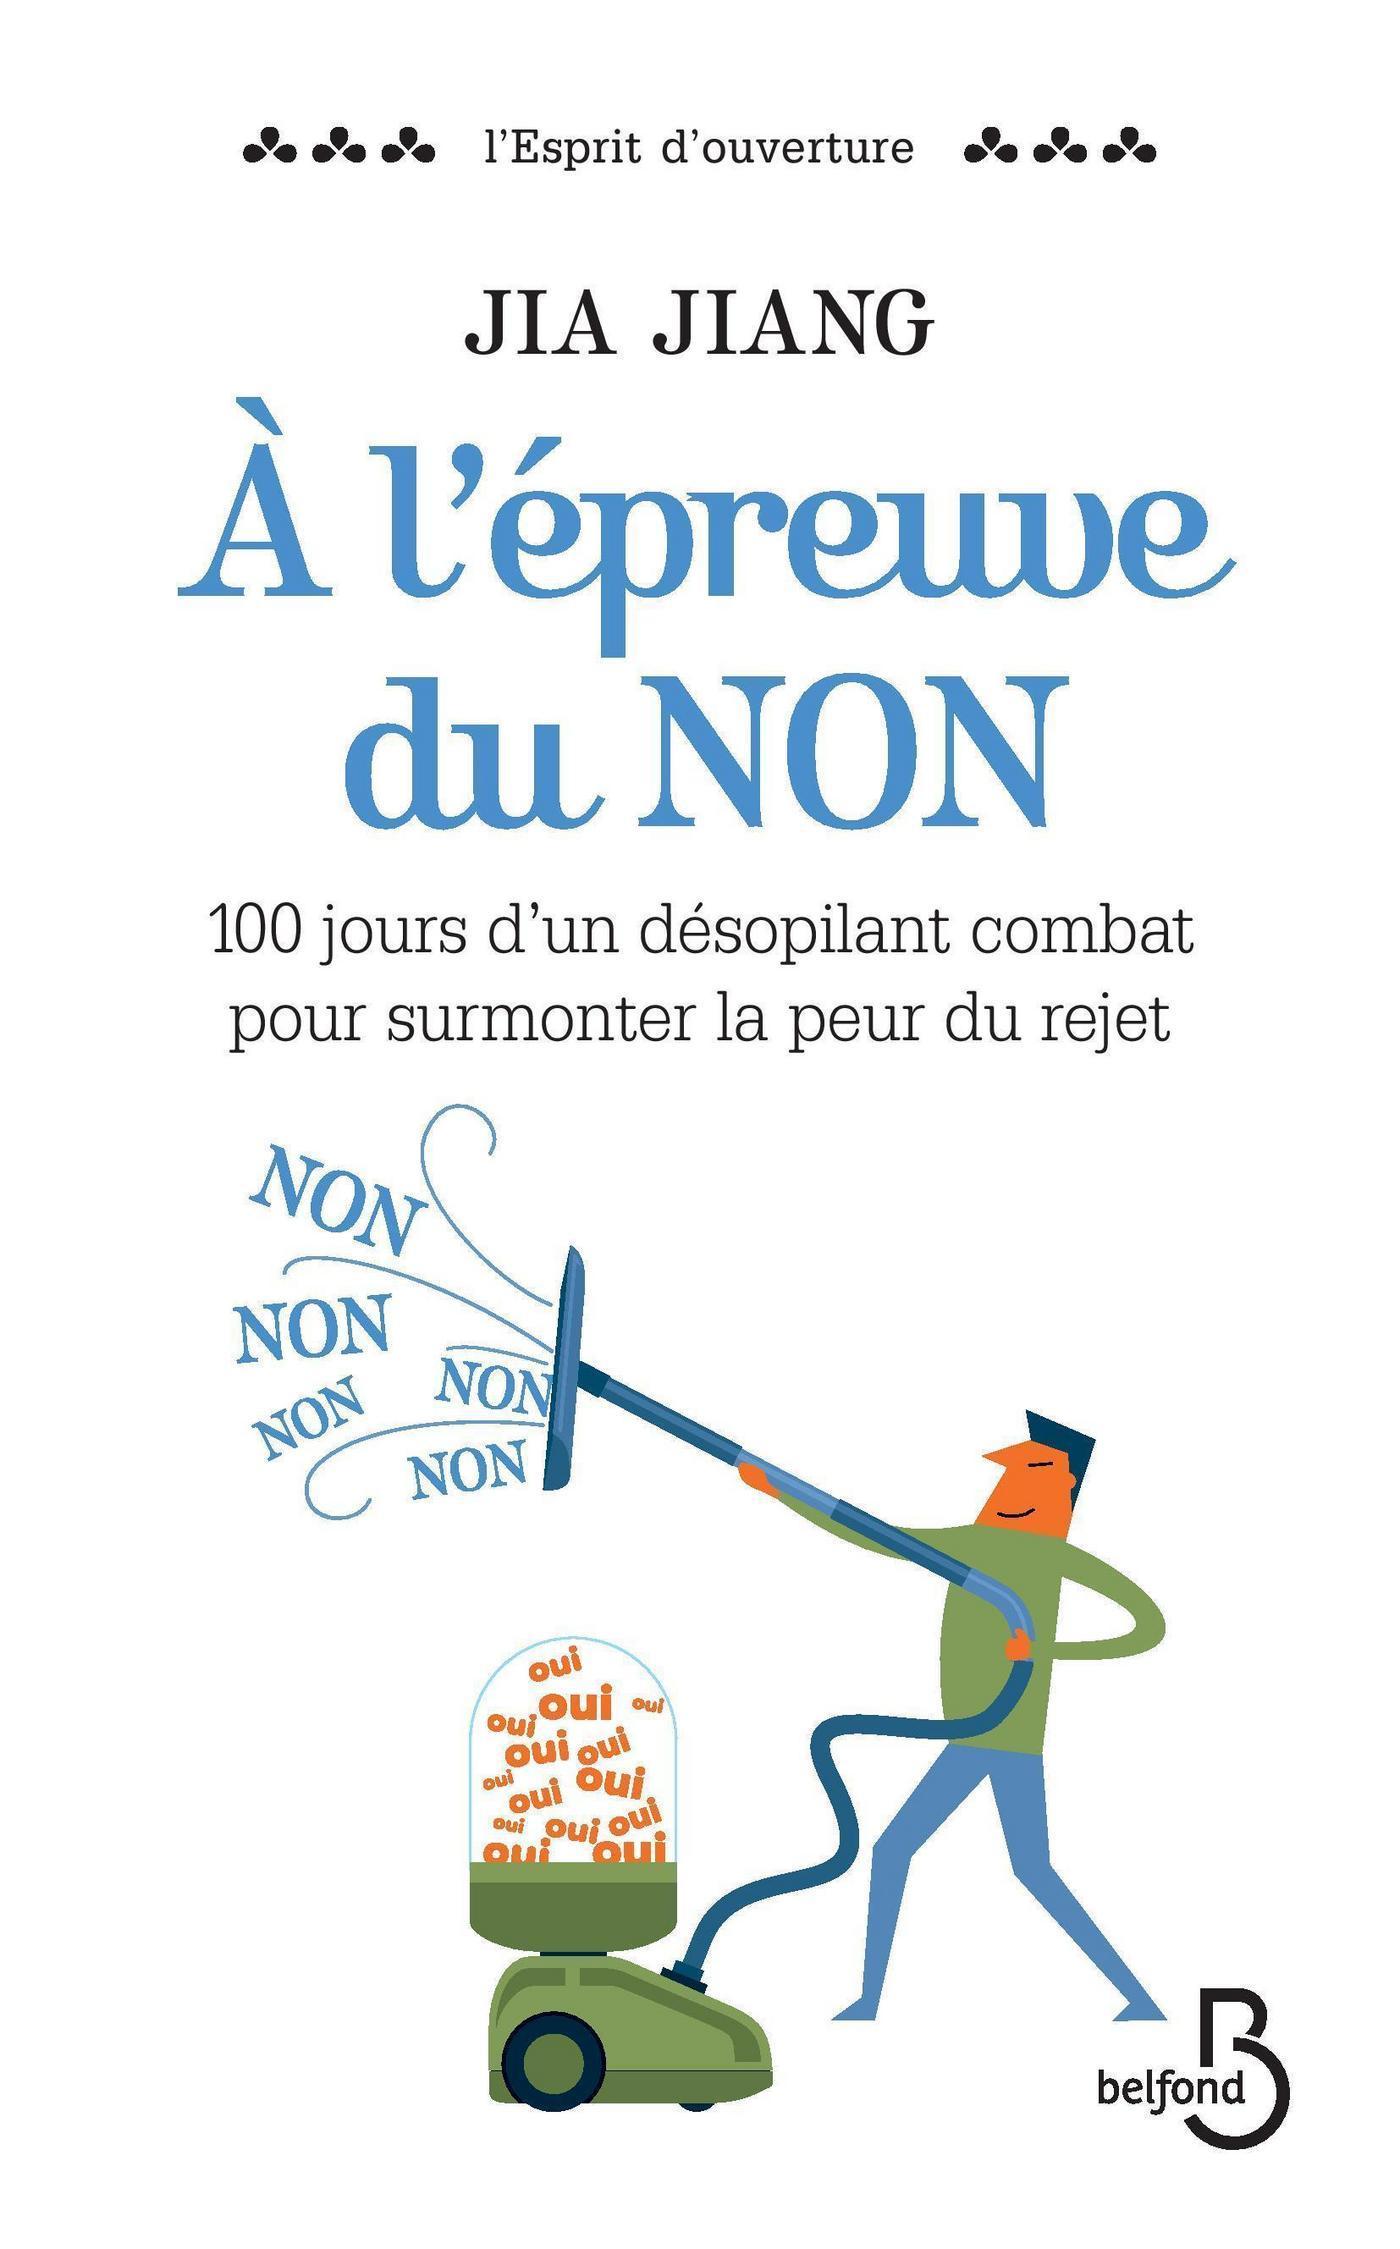 A l'épreuve du NON, 100 JOURS D'UN DÉSOPILANT COMBAT POUR SURMONTER LA PEUR DU REJET